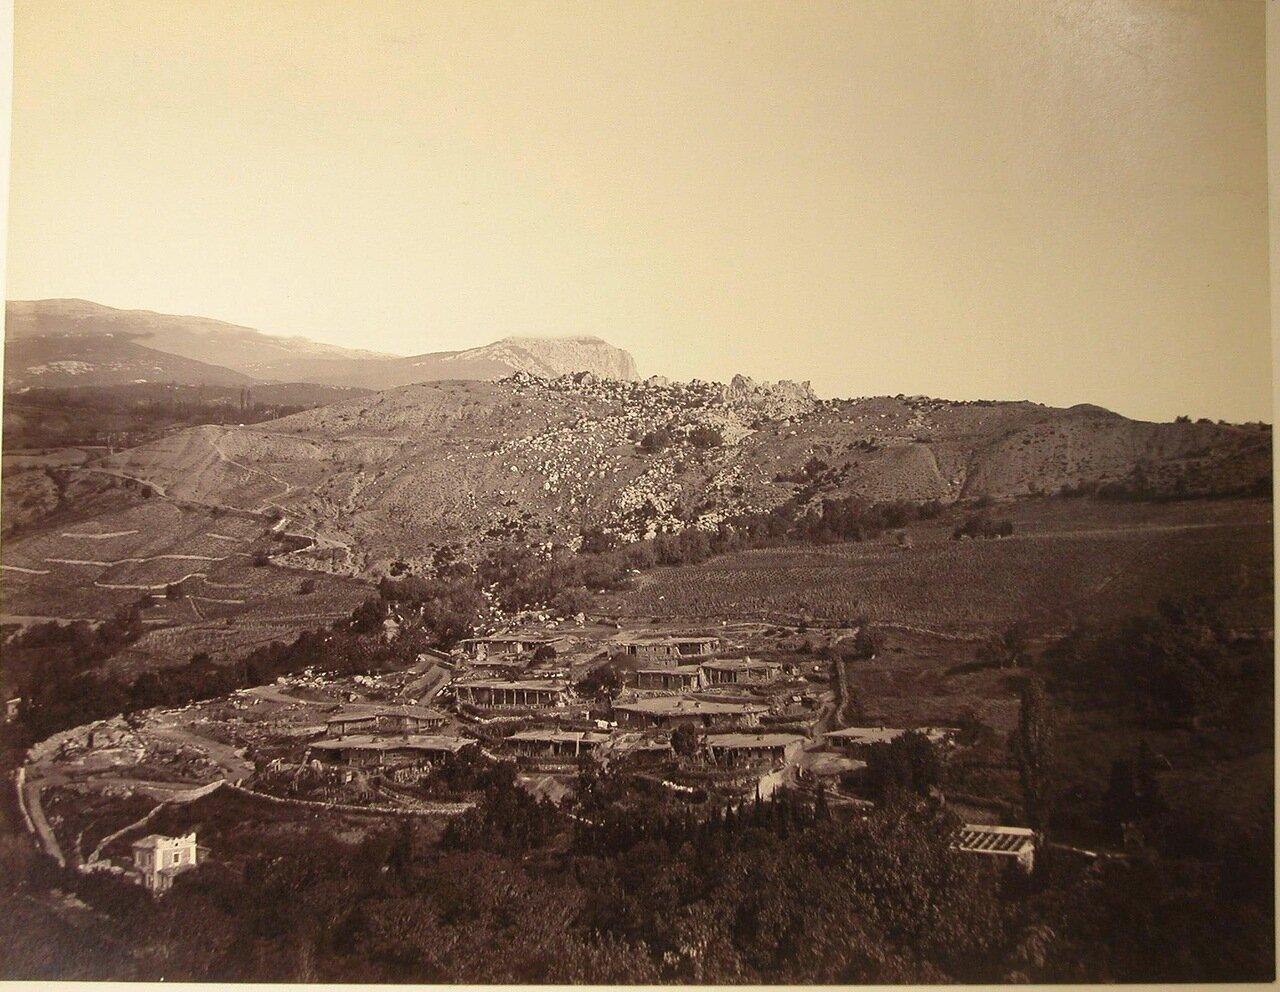 46. Вид жилых домов в ущелье вблизи деревни Кучук-Ламбат